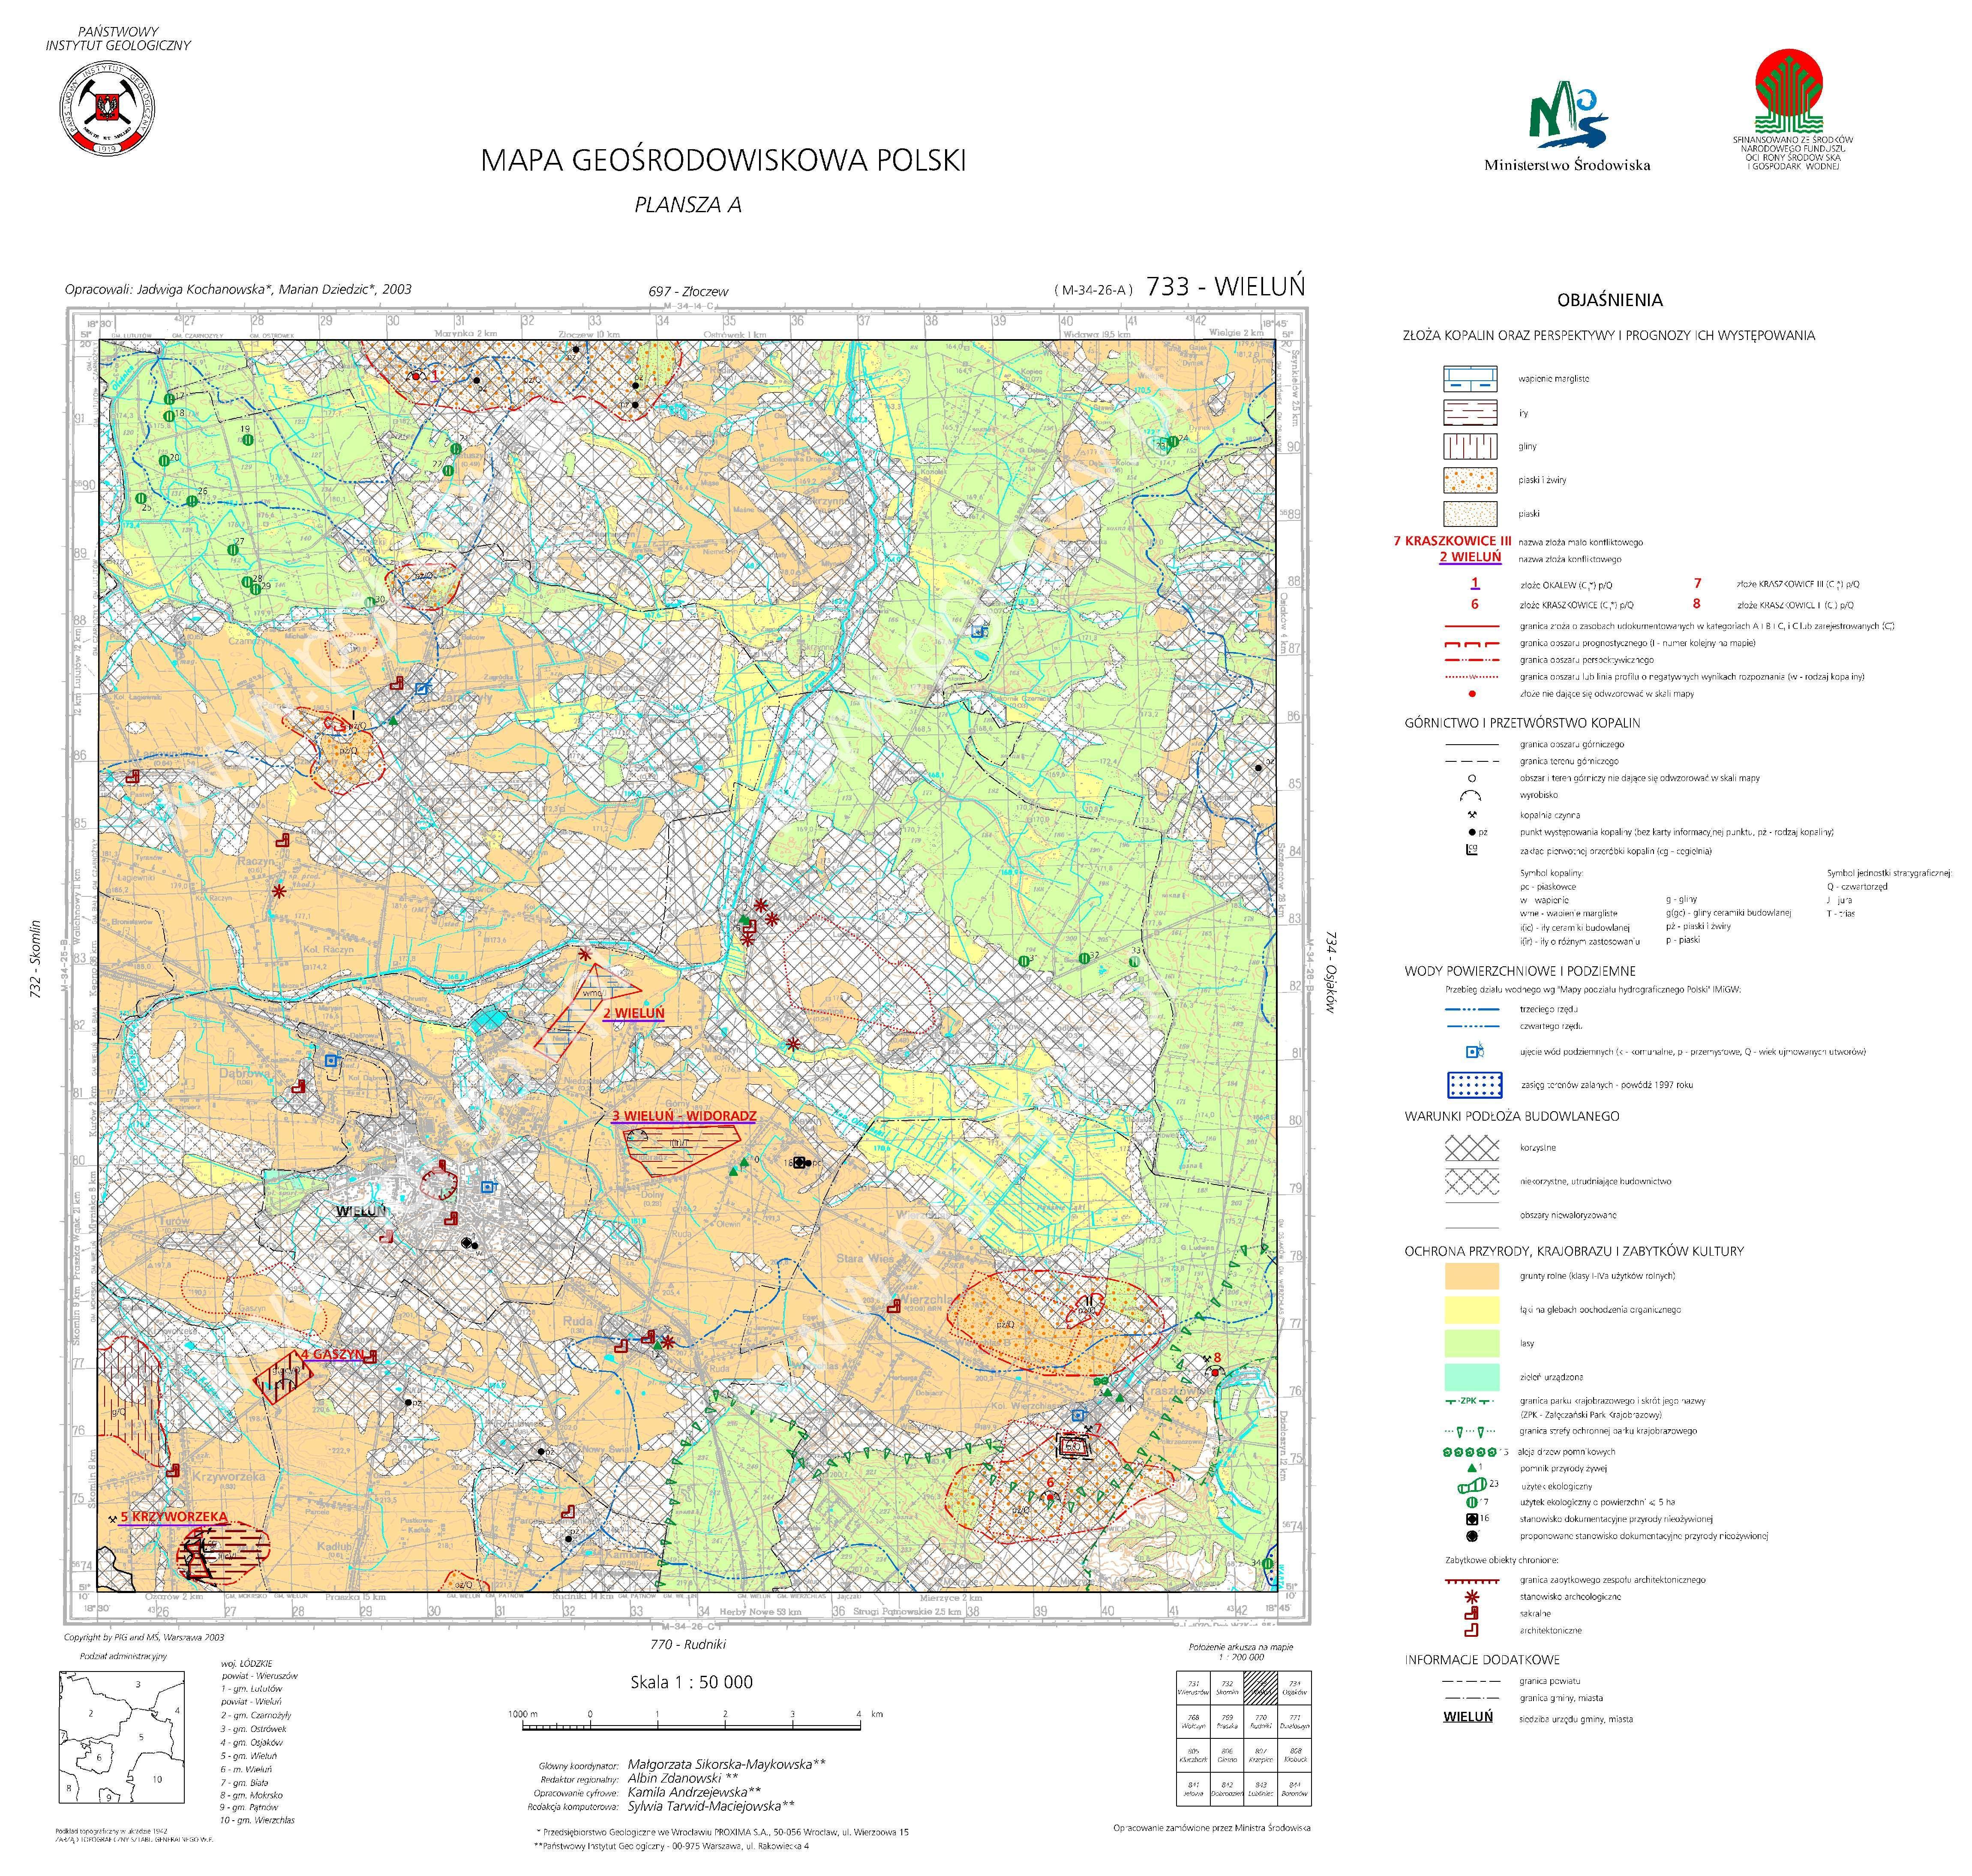 Mapa Geosrodowiskowa Polski 1 50 000 Mgsp Plansza A Arkusz Wielun